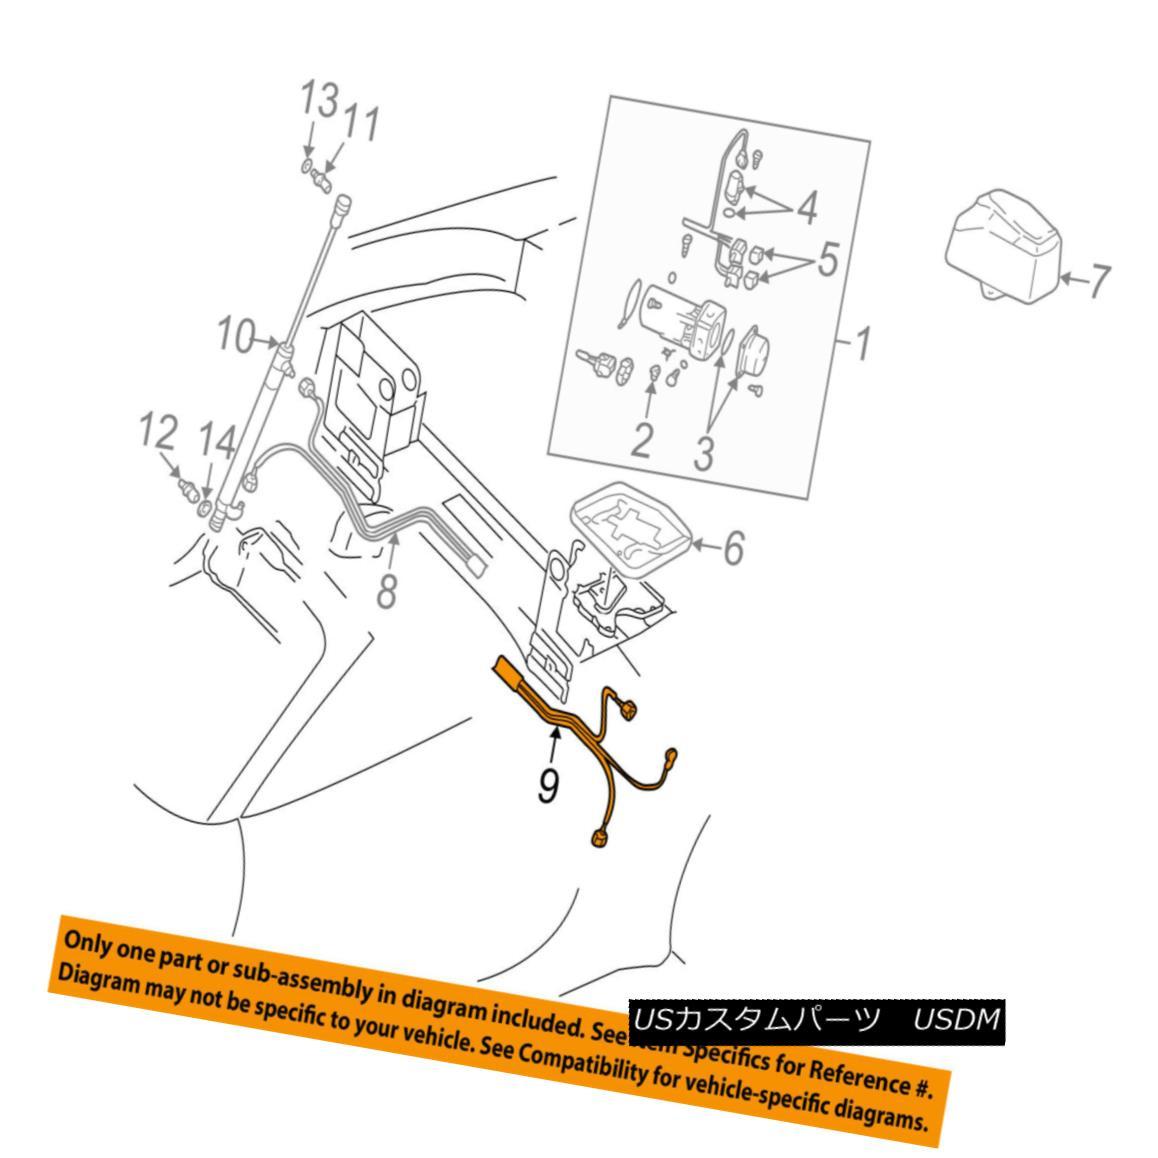 幌・ソフトトップ AUDI OEM 01-06 TT Quattro Motor-Convertible/soft Top-Oil Pipe Left 8N7871793 AUDI OEM 01-06 TTクワトロ・モーター・コンバーチブル/ソフトトップオイルパイプ左8N7871793